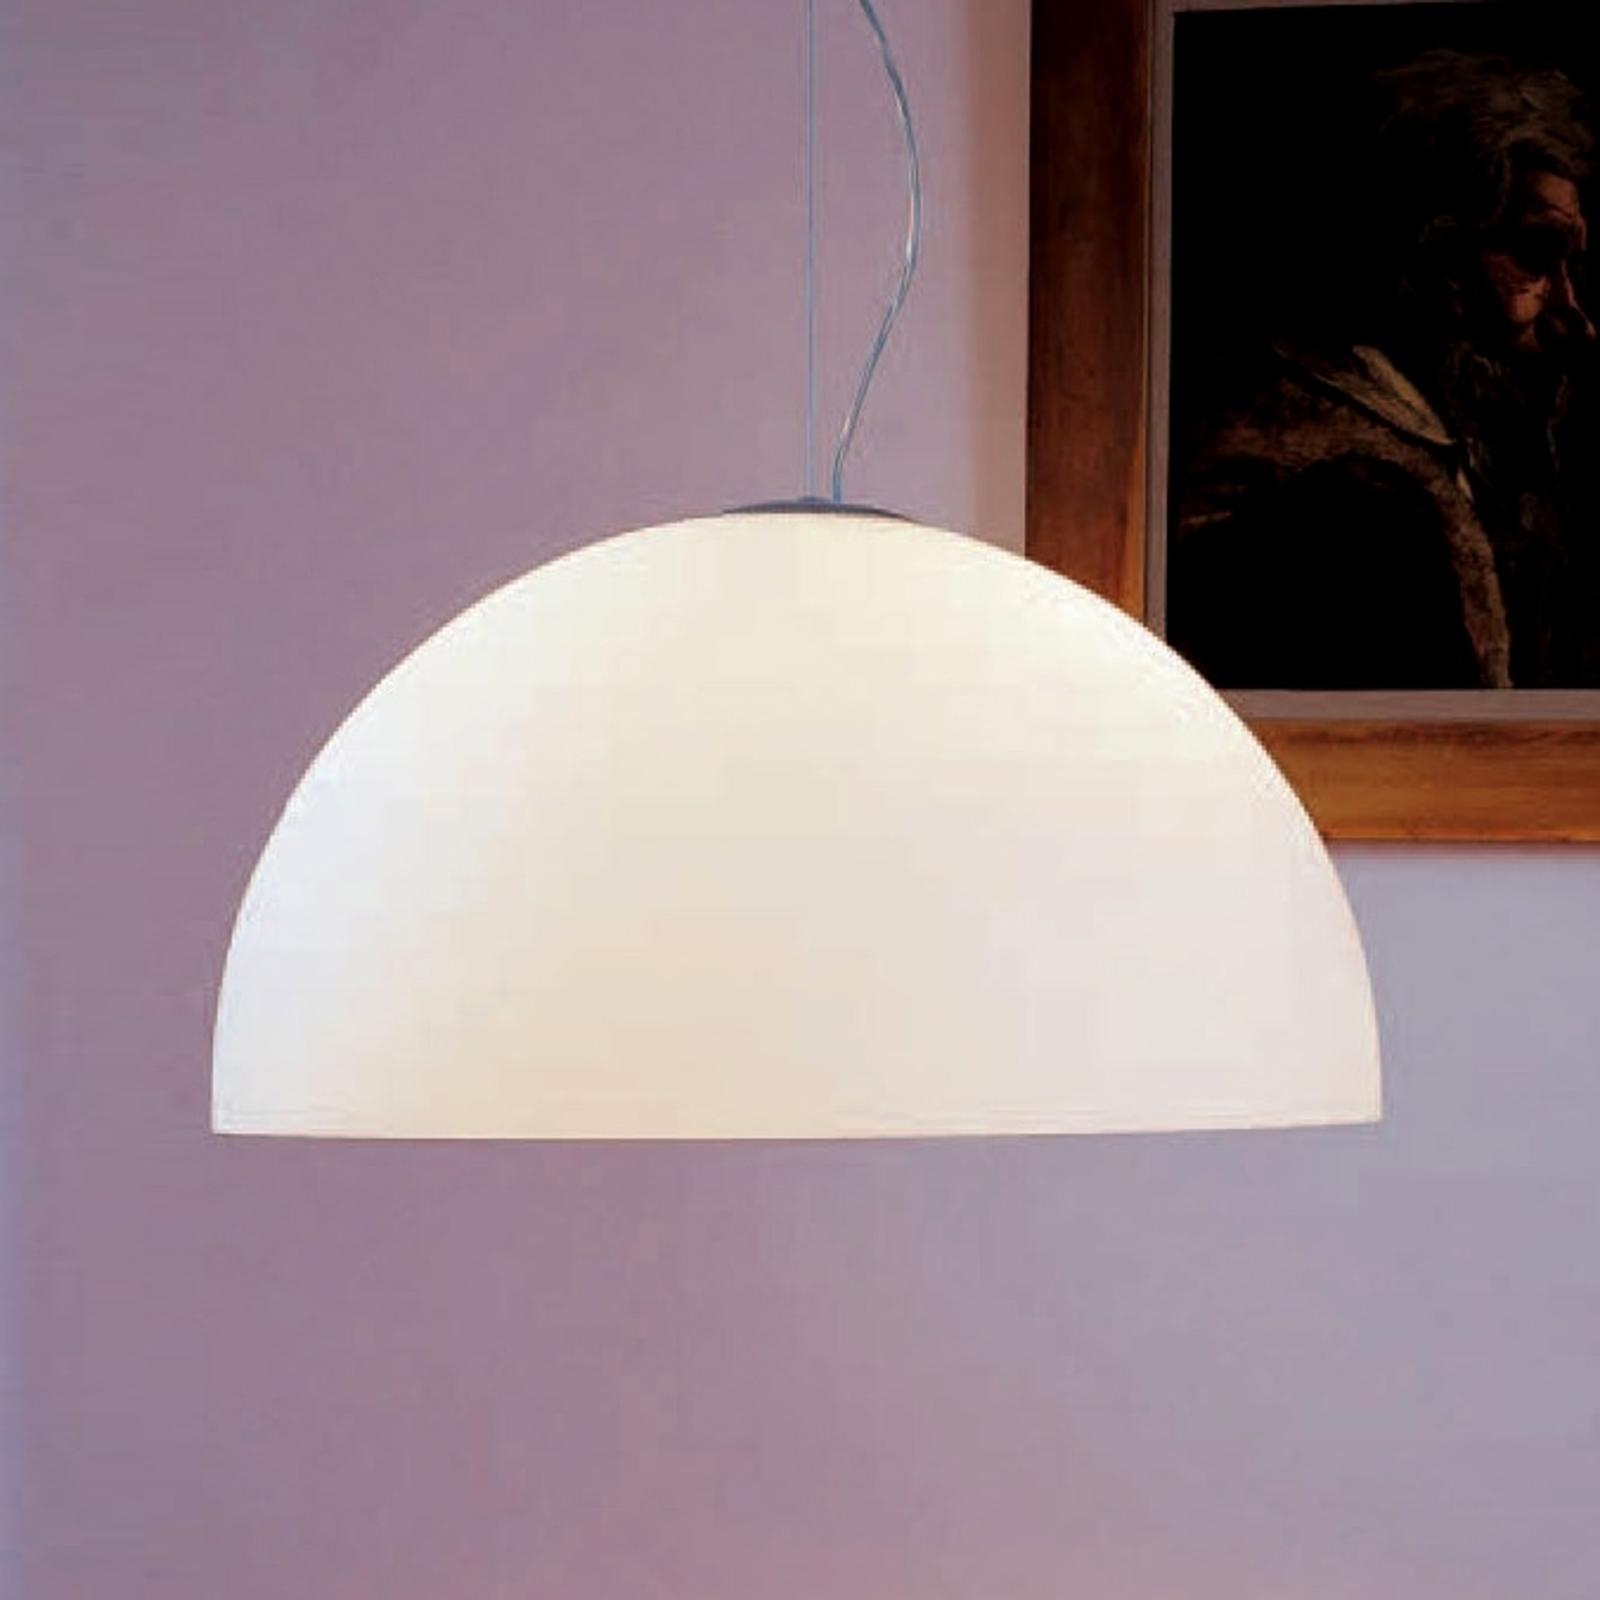 Lampada a sospensione Sonora, 38 cm